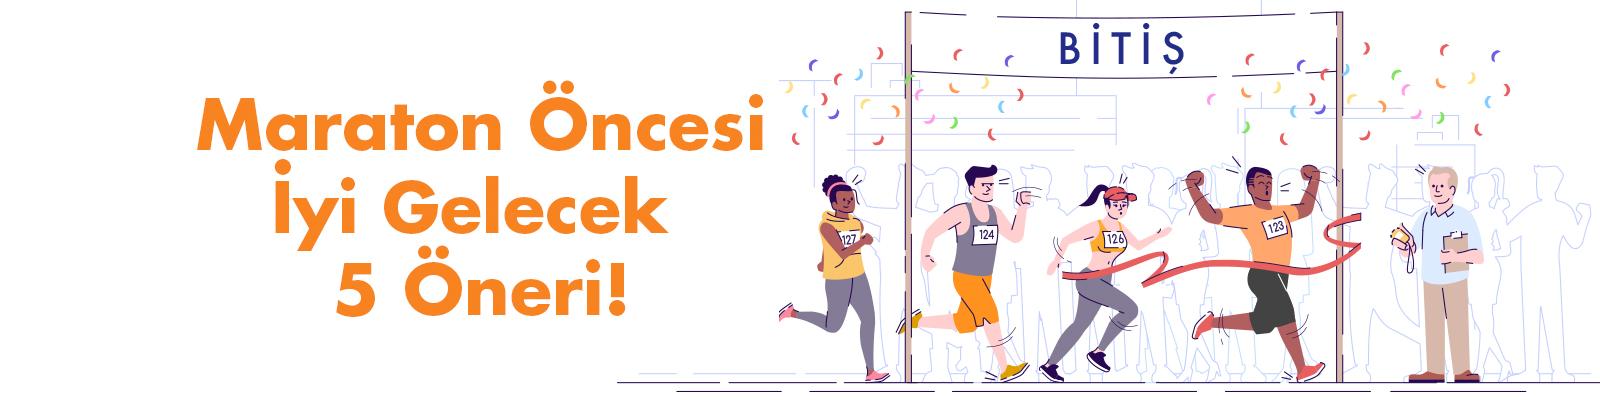 Maraton Öncesi İyi Gelecek 5 Öneri!